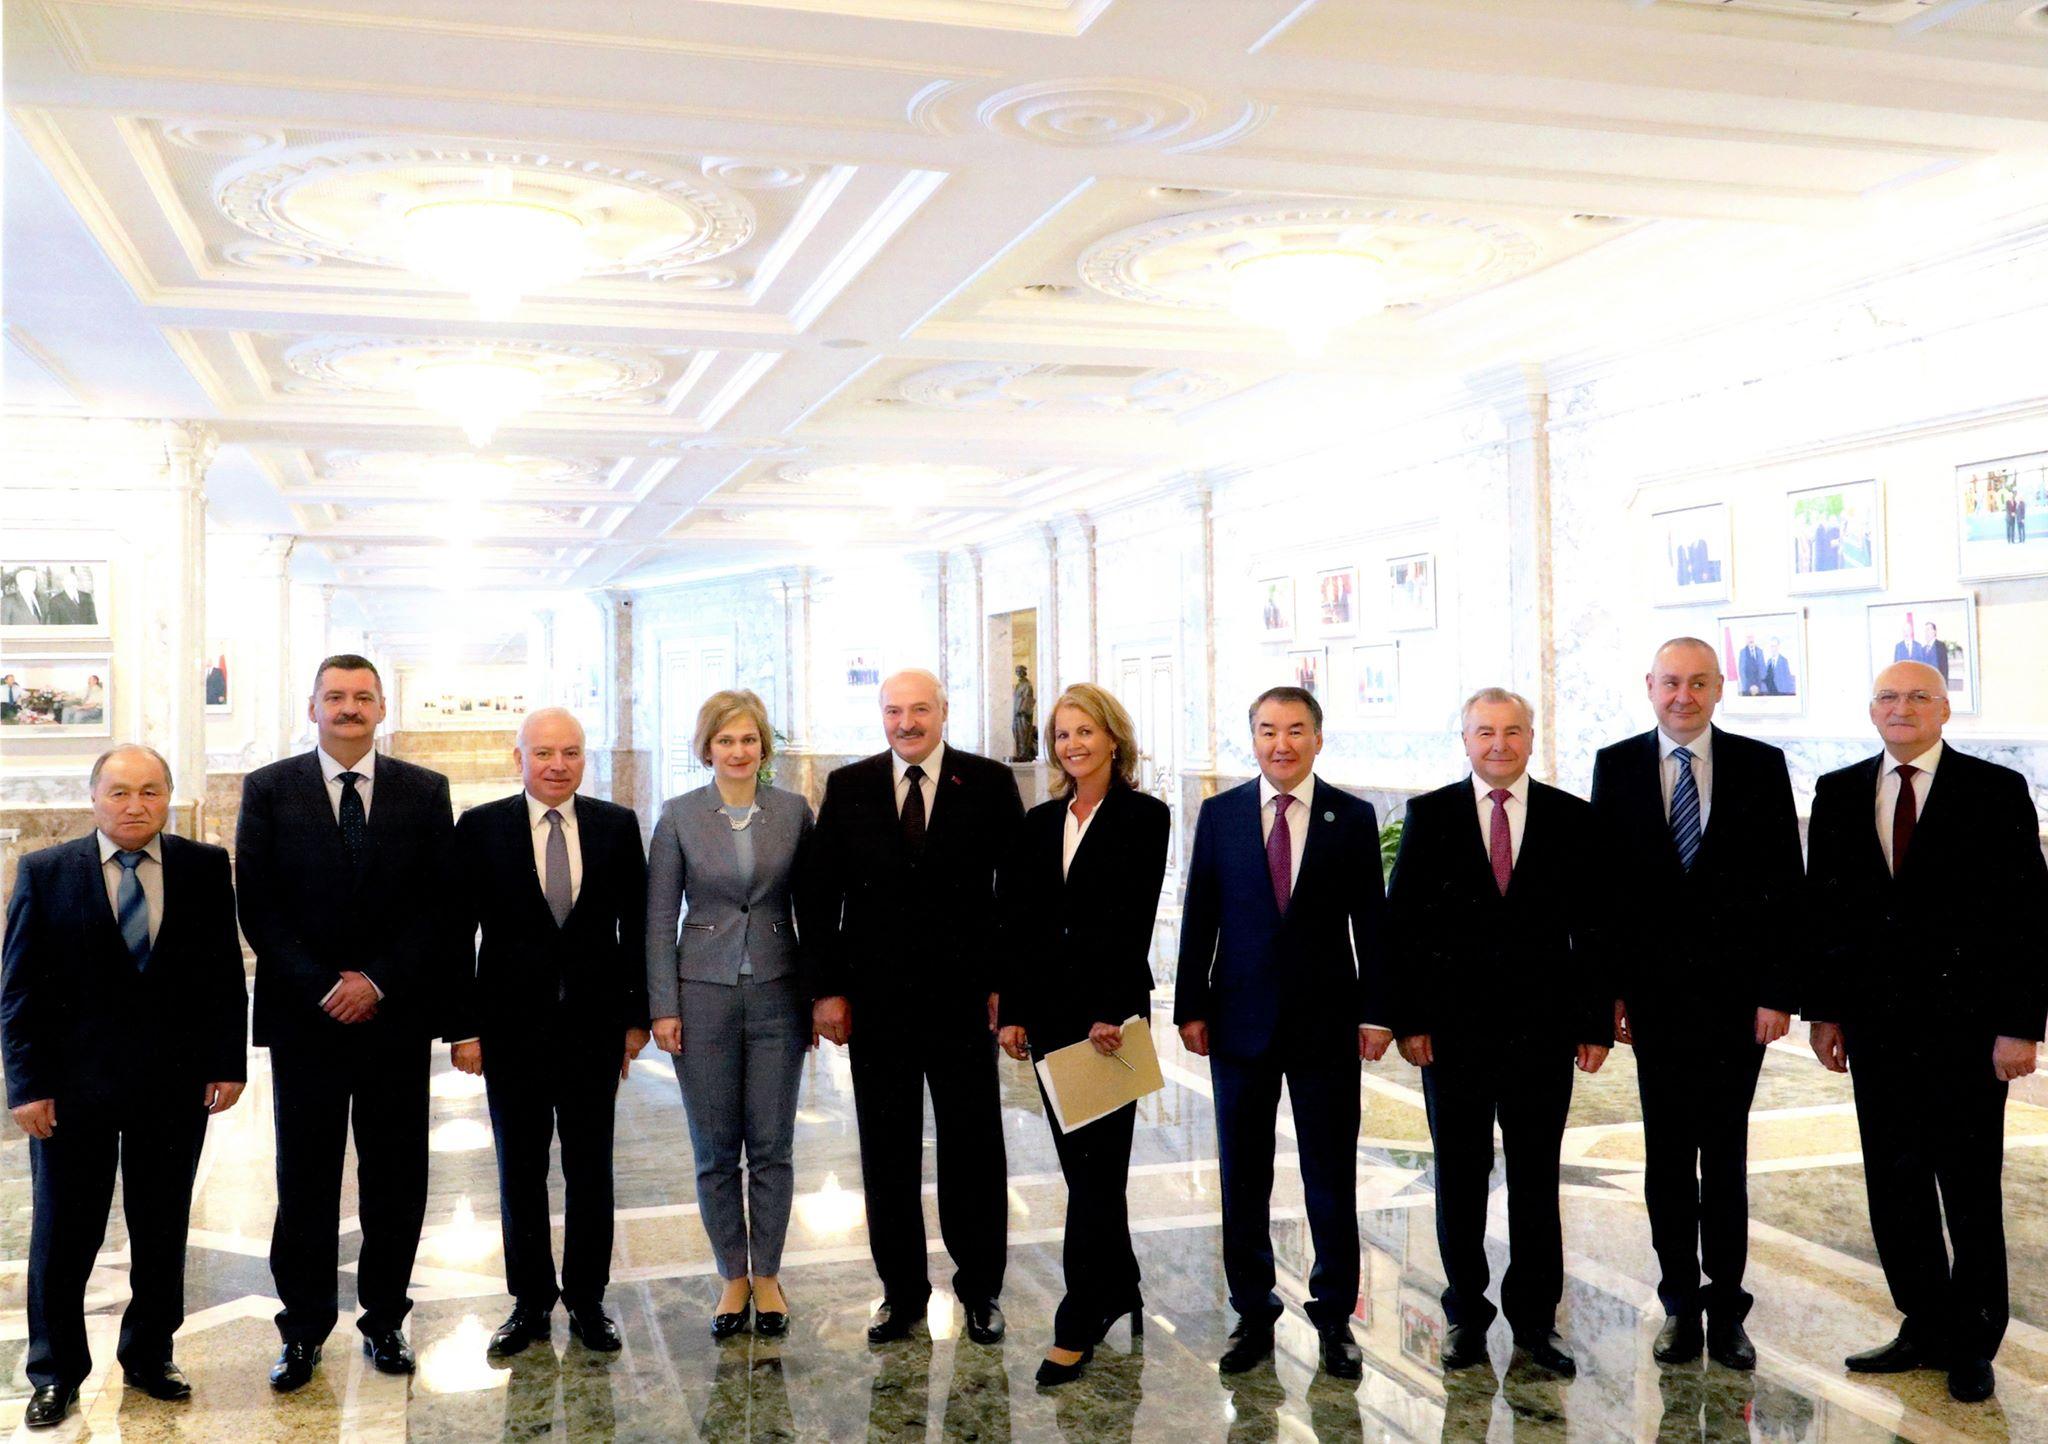 Mynd frá Minsk af fundi með Lukashenko